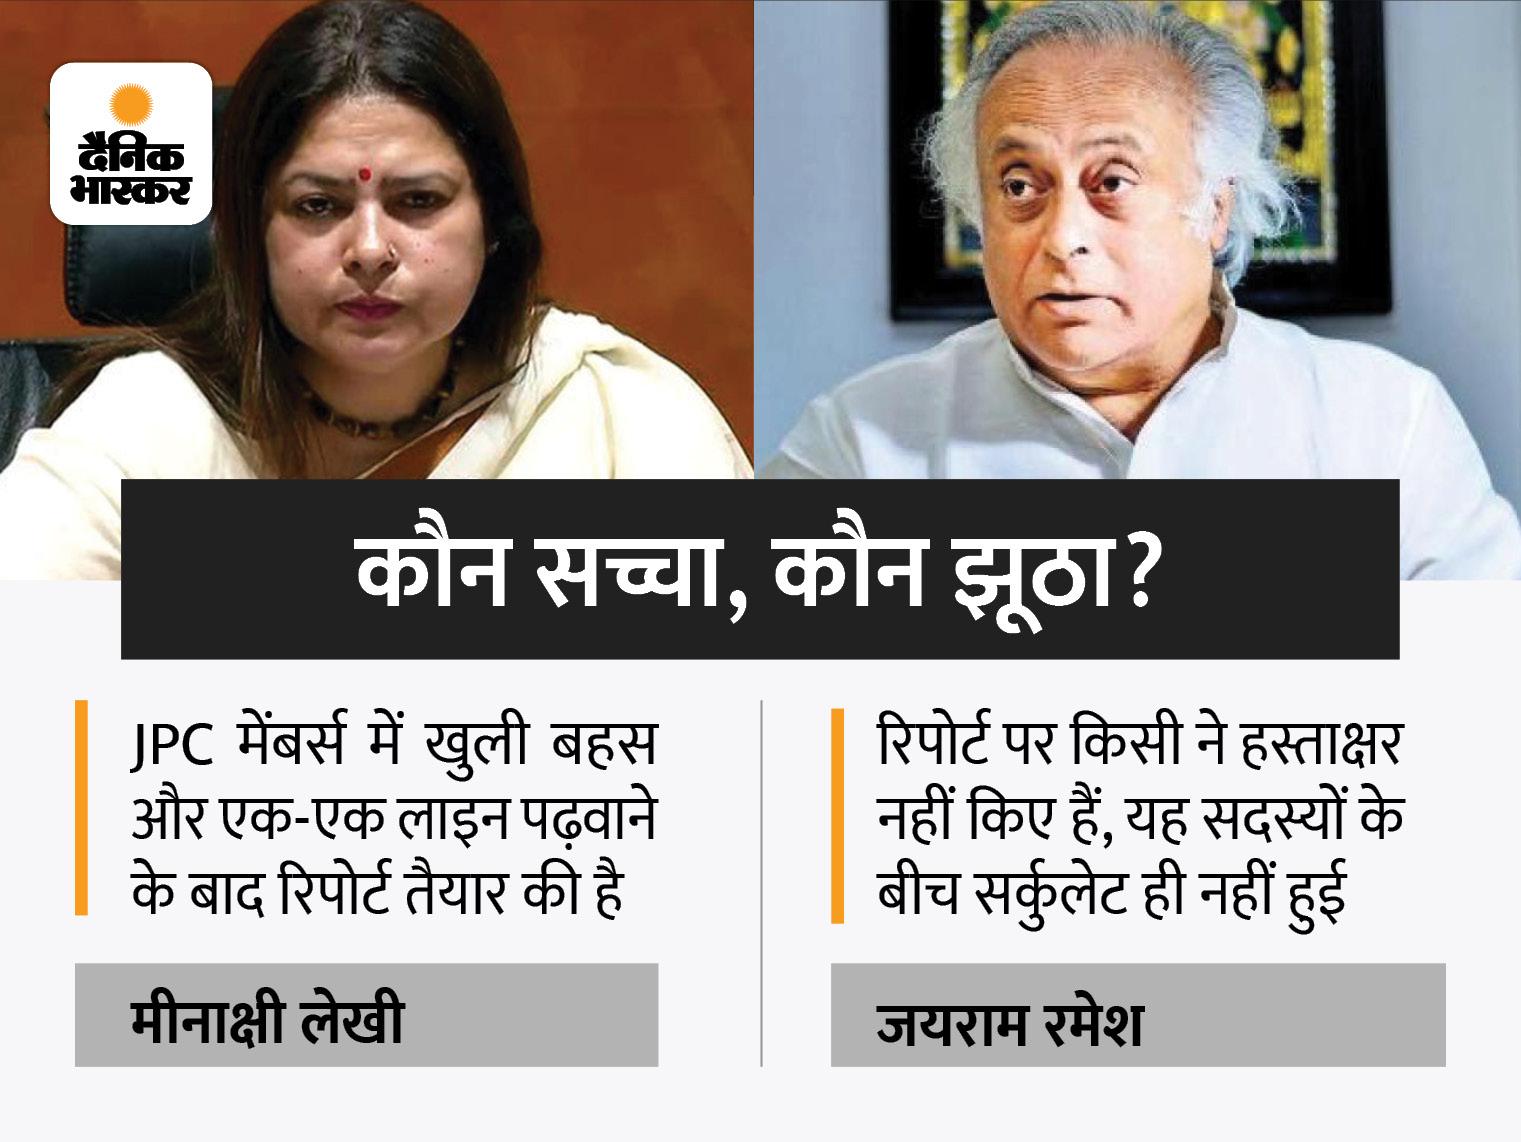 मीनाक्षी लेखी ने कहा- संसदीय समिति ने रिपोर्ट लोकसभा स्पीकर को भेजी; कमेटी मेंबर्स बोले- हमने रिपोर्ट देखी ही नहीं|देश,National - Dainik Bhaskar